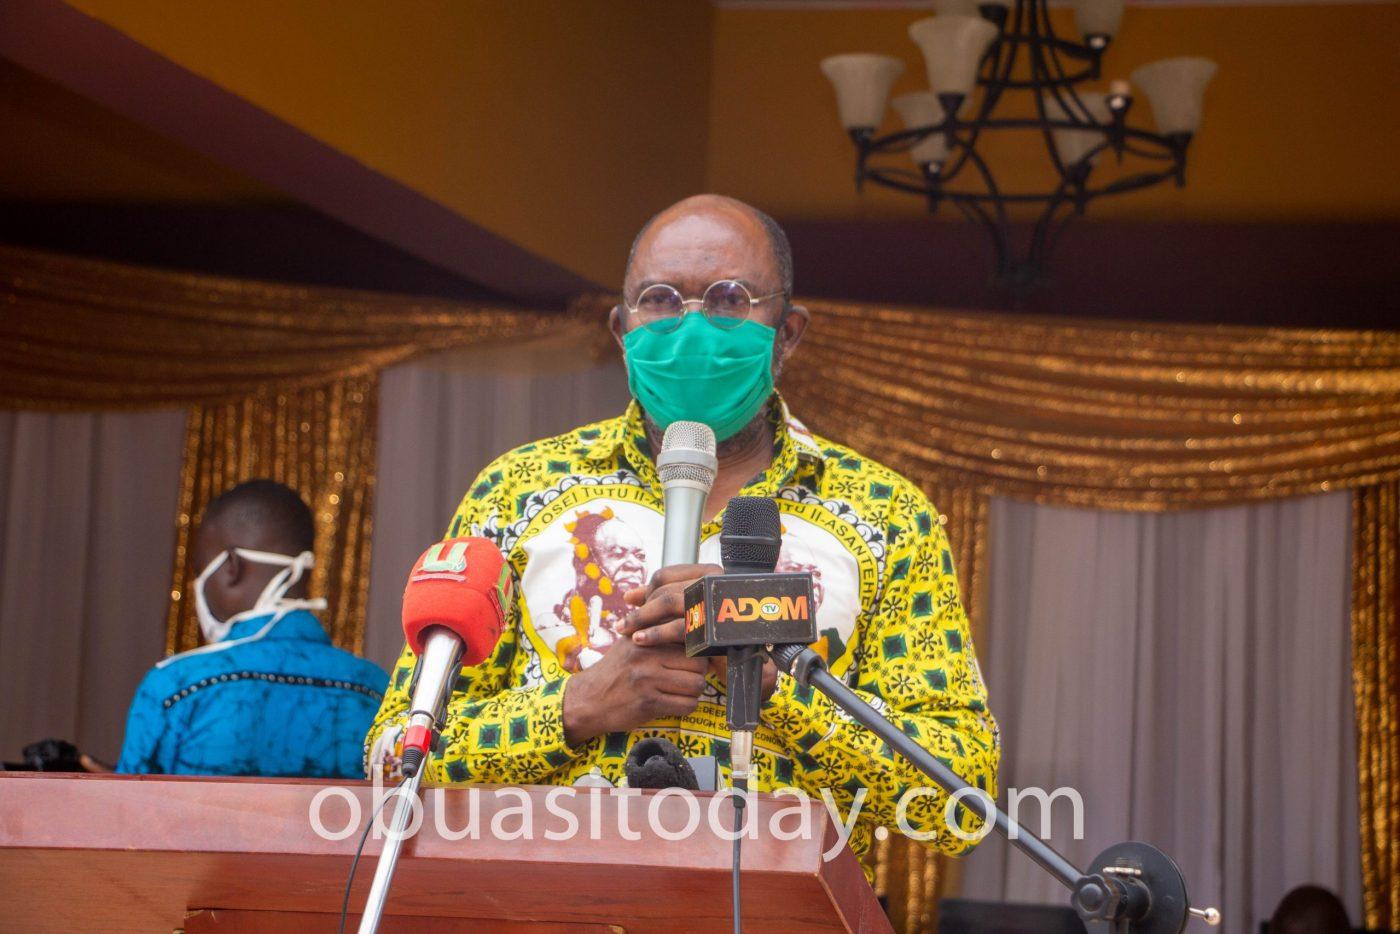 Dr. Thomas Agyarko Opoku, the Executive Director for Otumfuo Osei Tutu II Charity Foundation